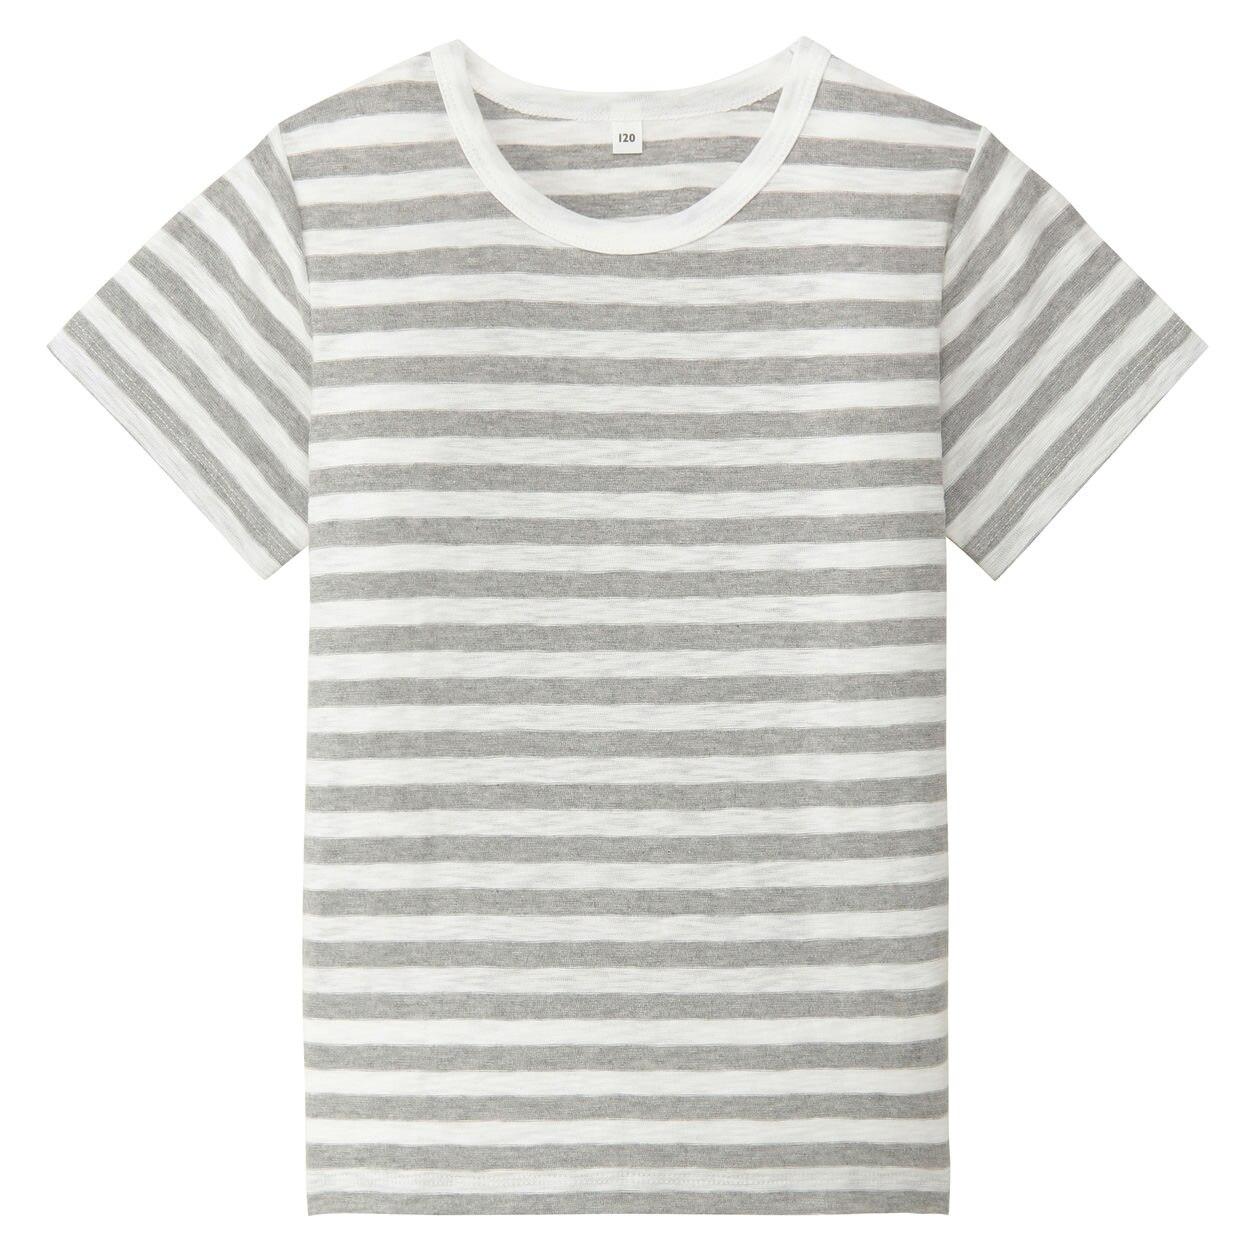 毎日のこども服オーガニックコットンスラブボーダー半袖Tシャツ(キッズ)